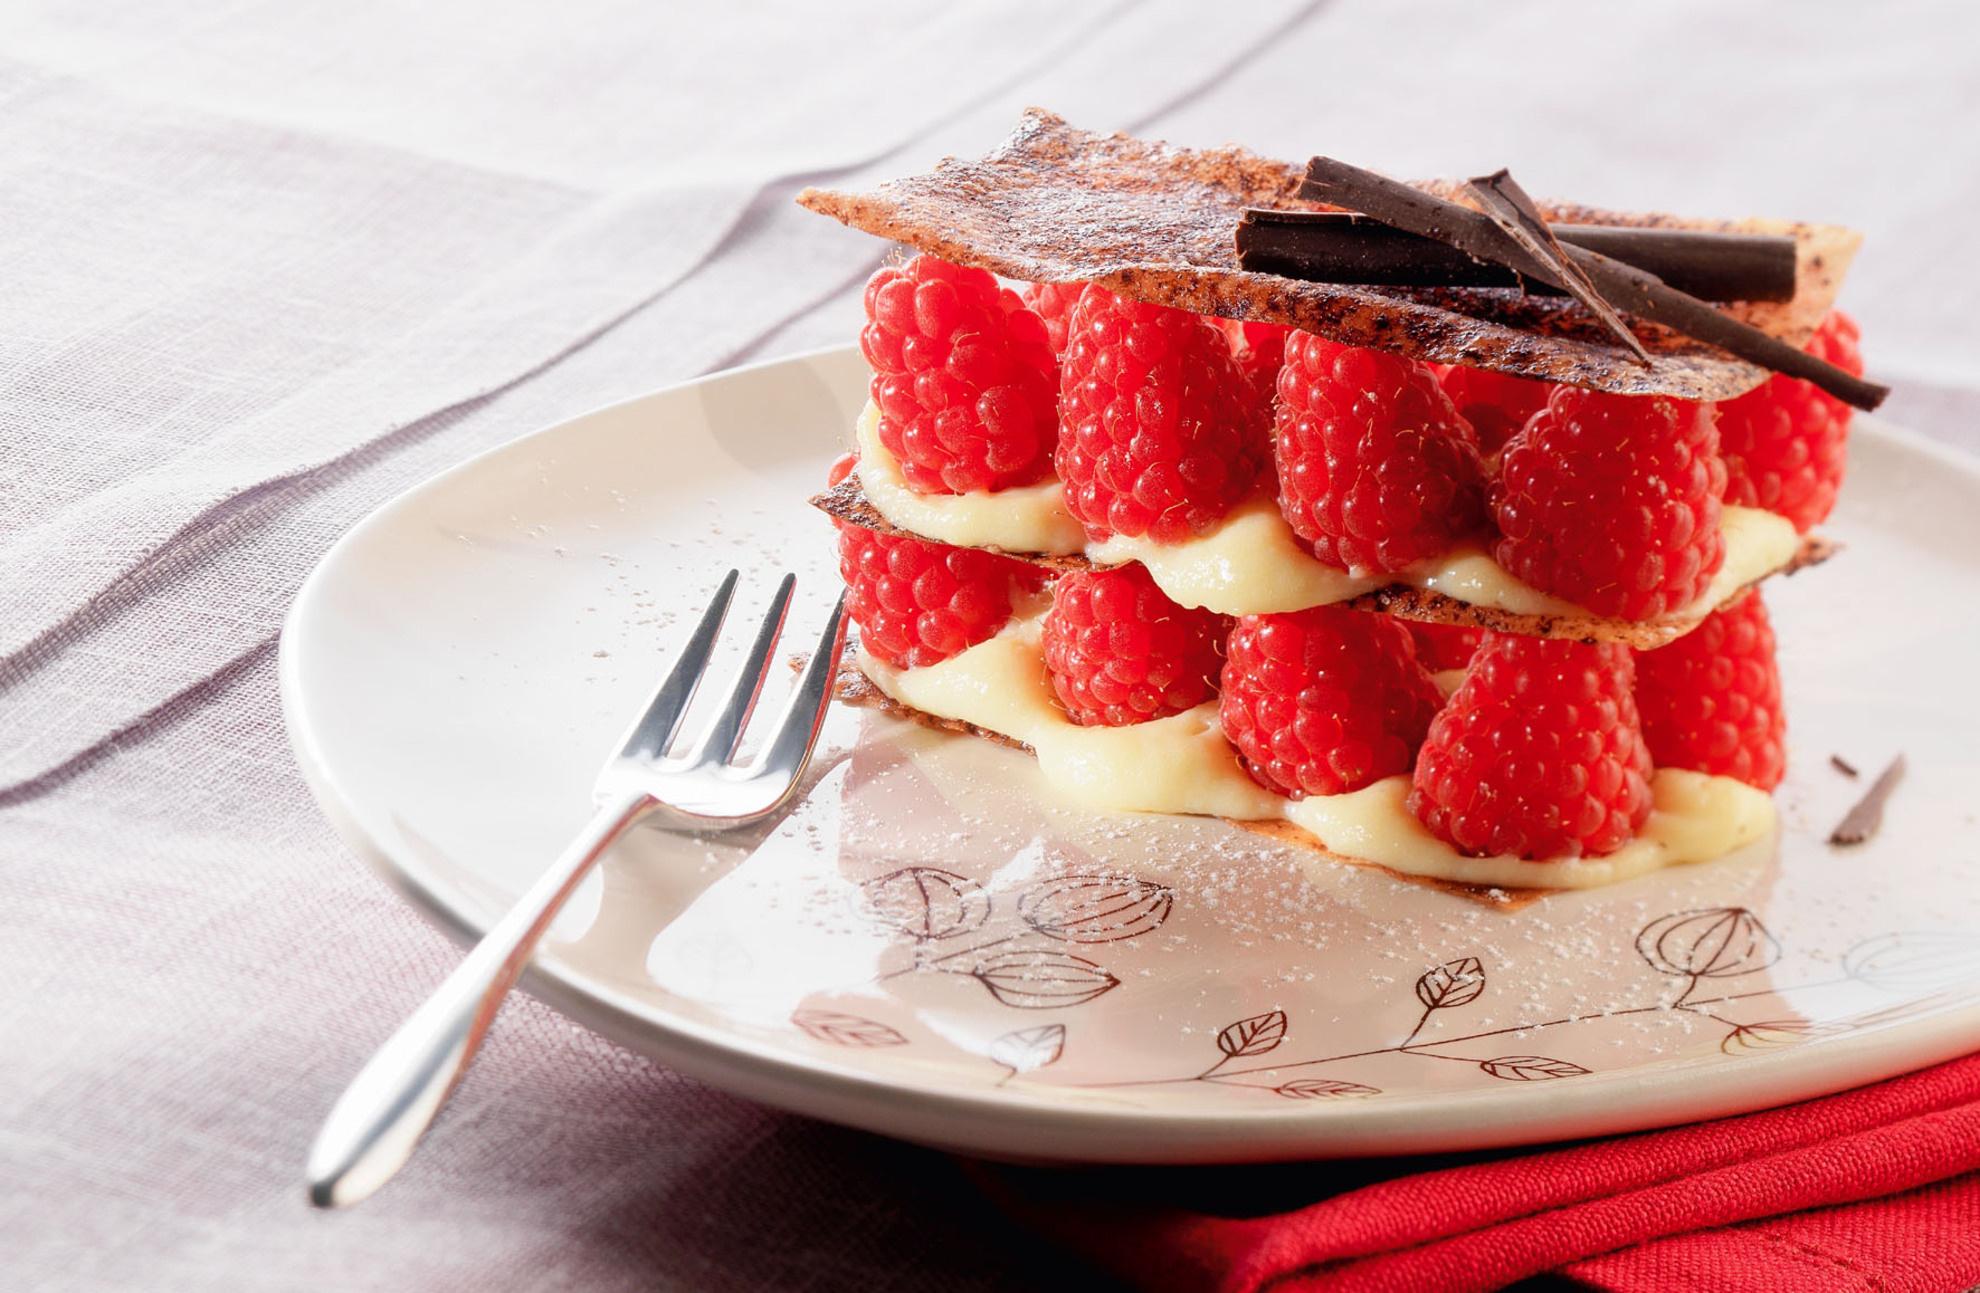 пирожное с малиной  № 145145 без смс